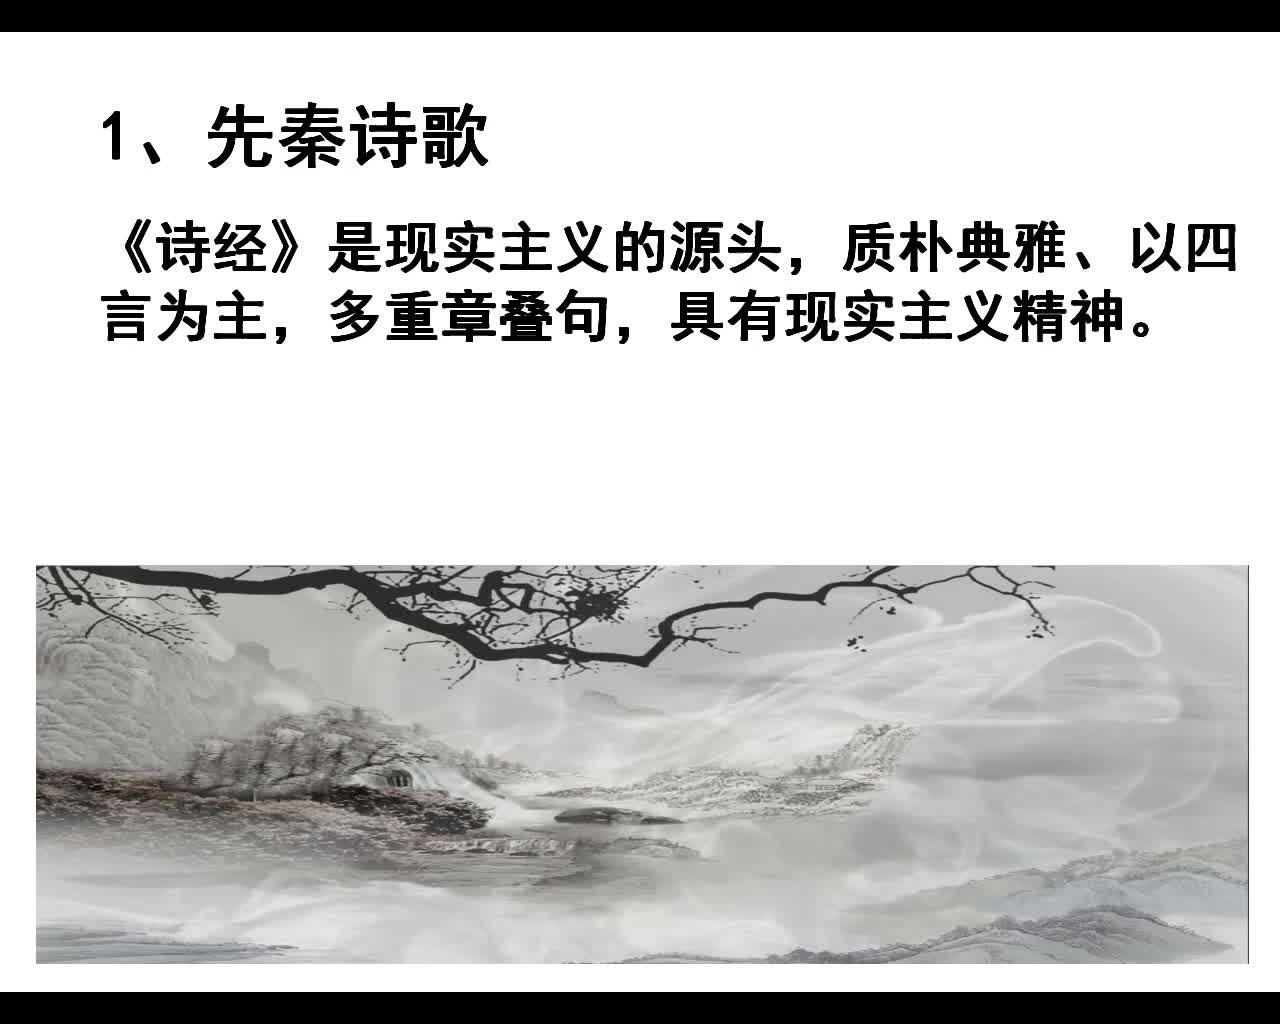 人教版 高中历史 必修三 第三单元 第九课 中国古代不同时期的文学特征(林晓佳)